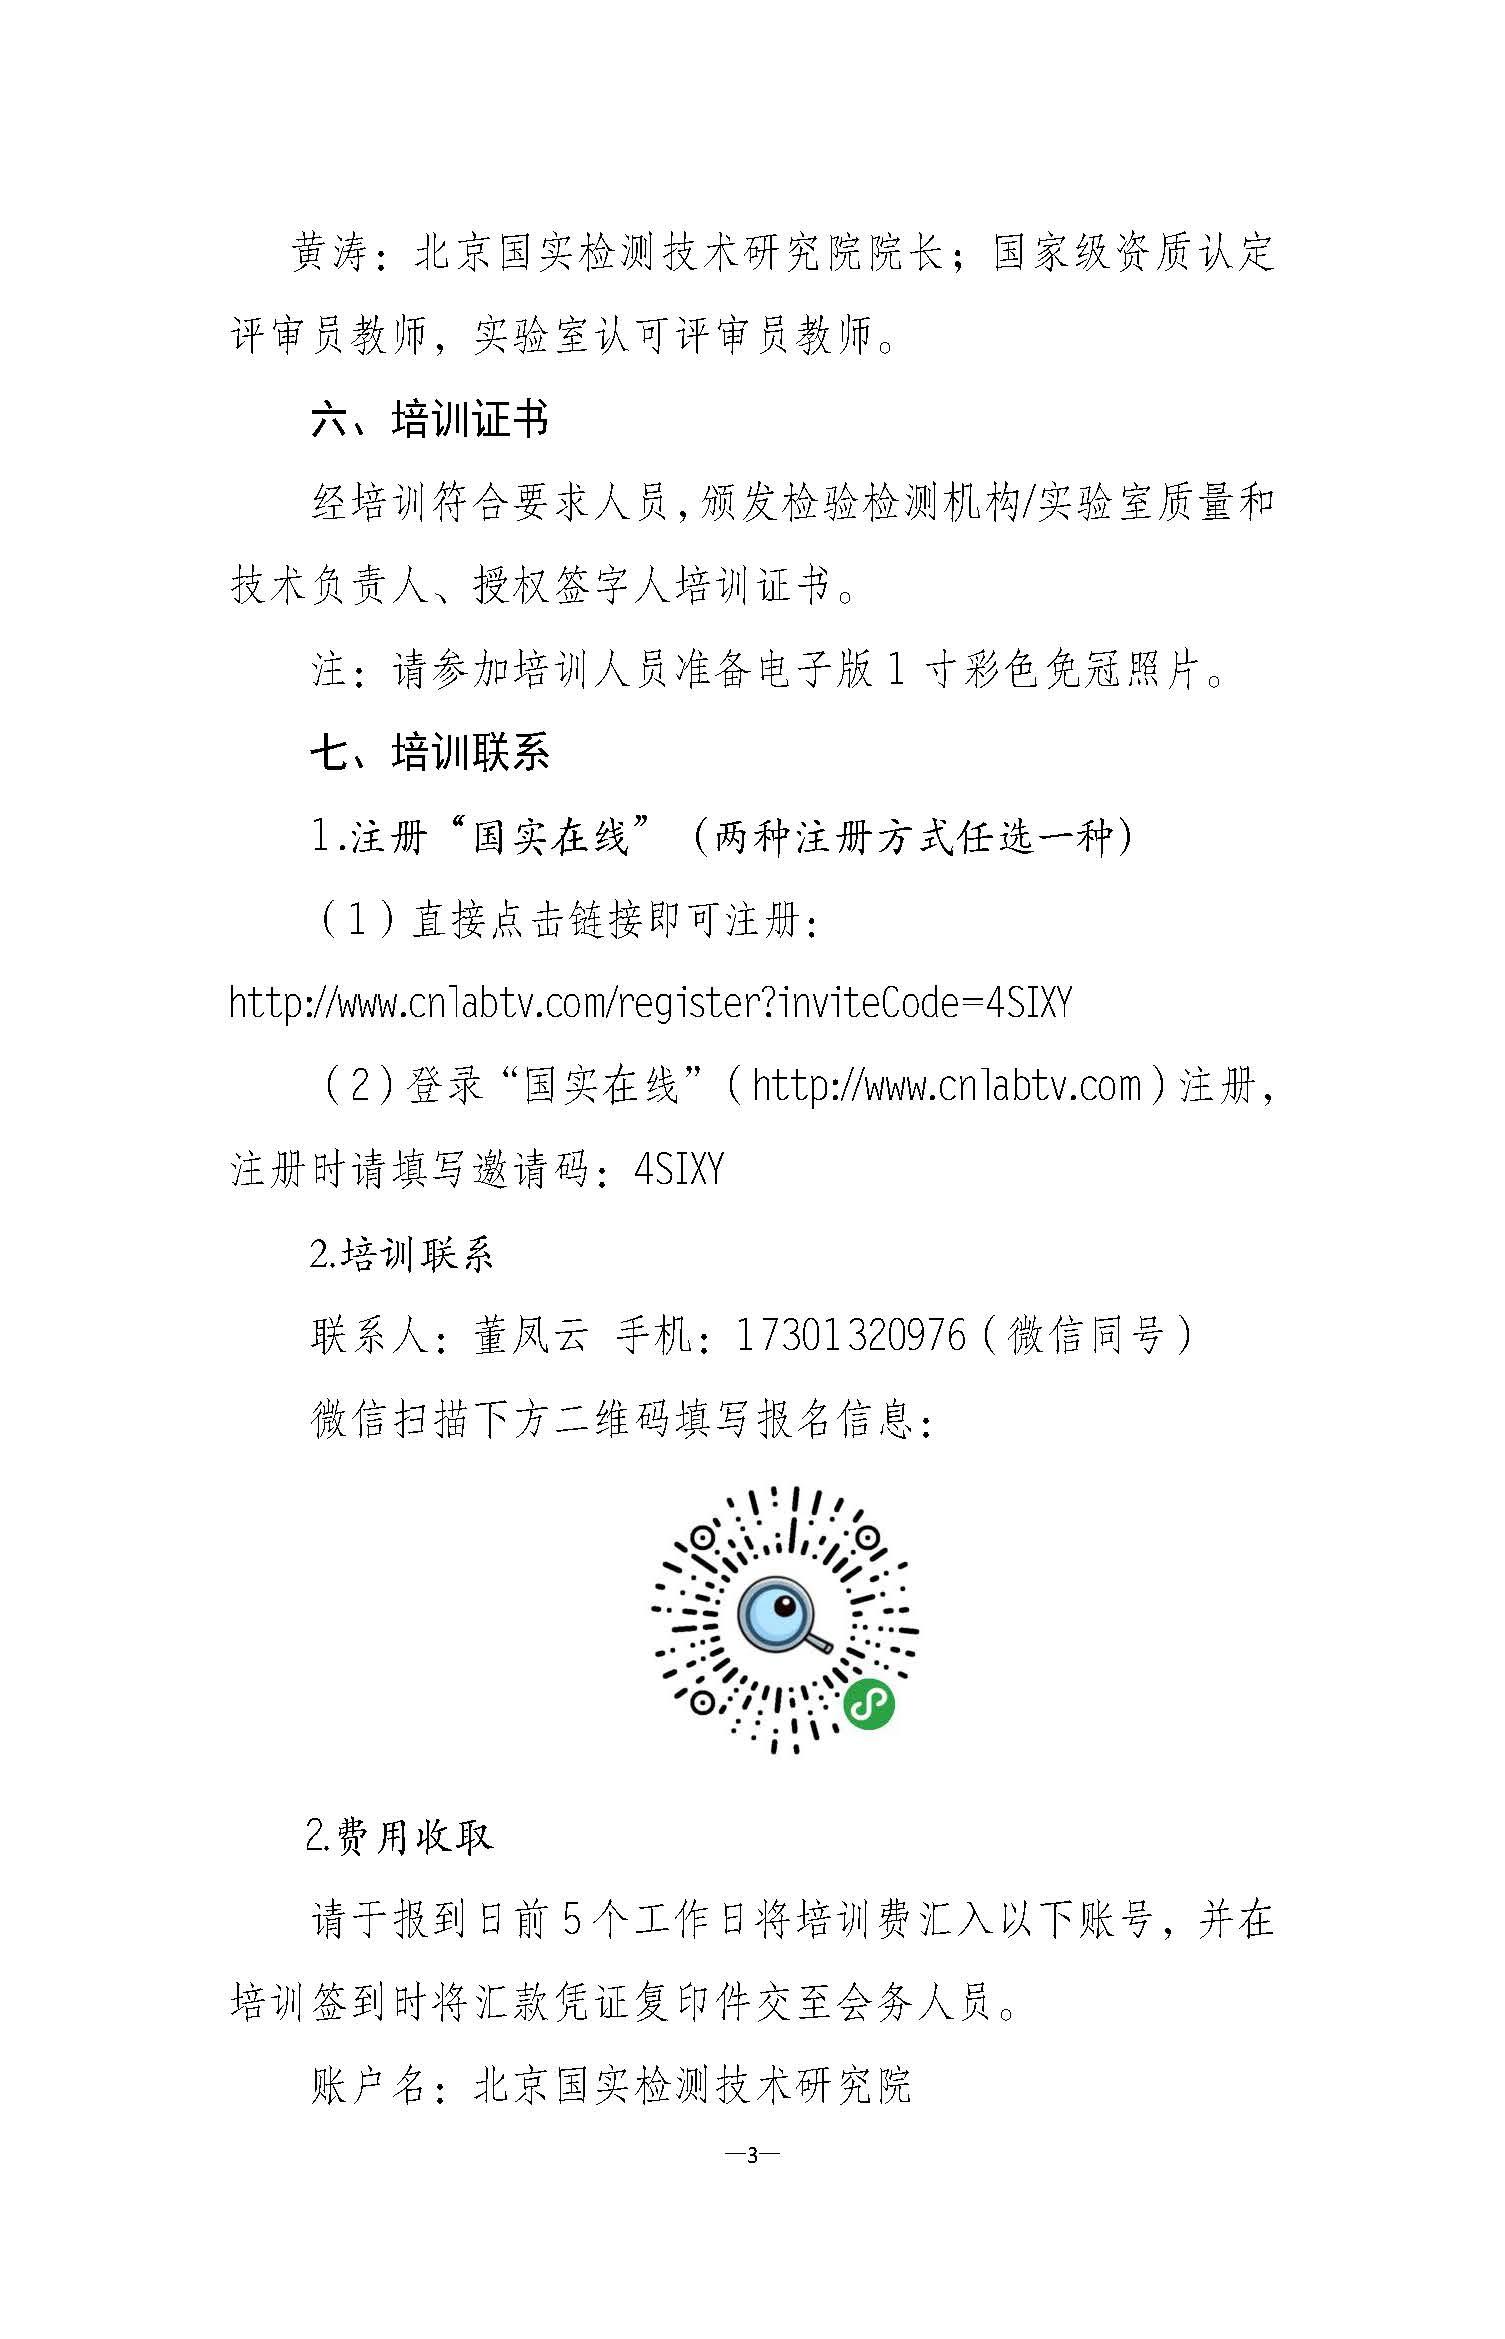 (6月22-24日黄涛)质量和技术负责人、授权签字人培训_页面_3.jpg